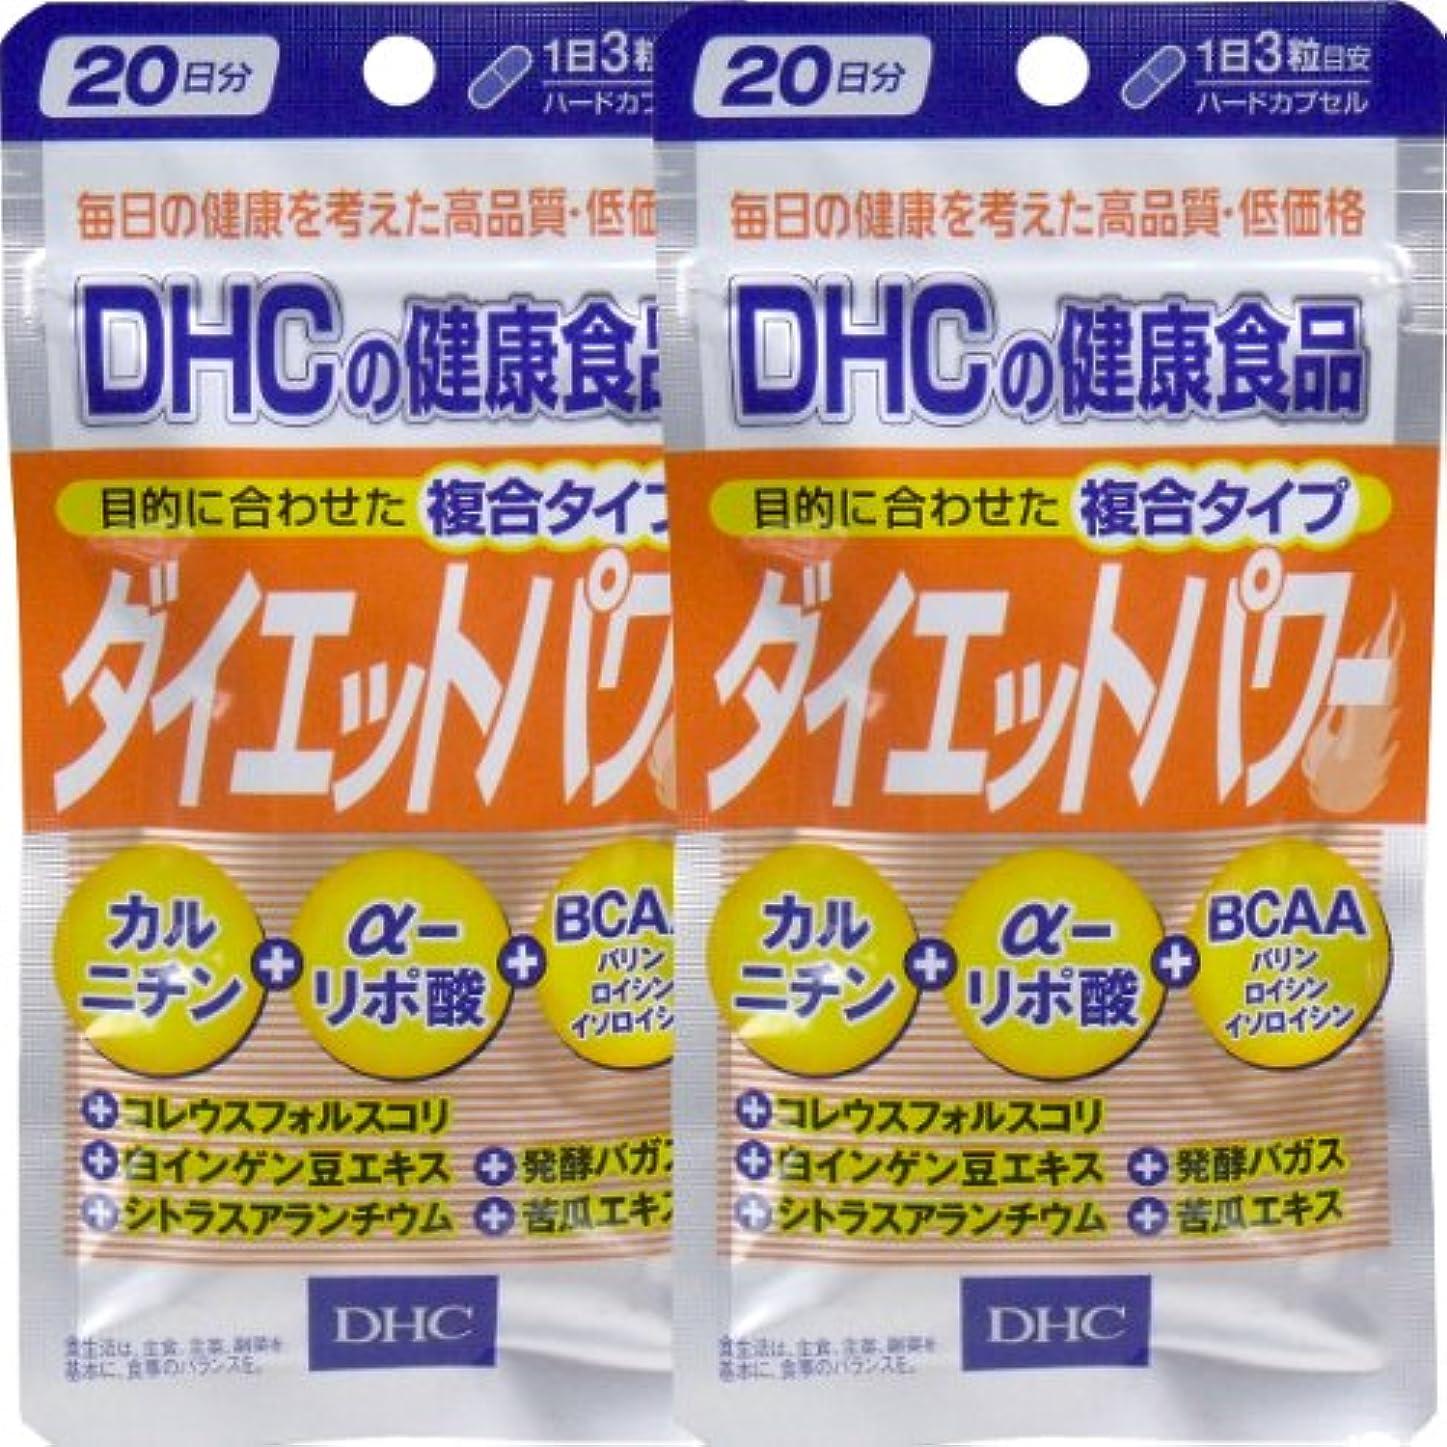 オリエンテーション取る自分DHC ダイエットパワー 20日分 60粒 ×2個セット